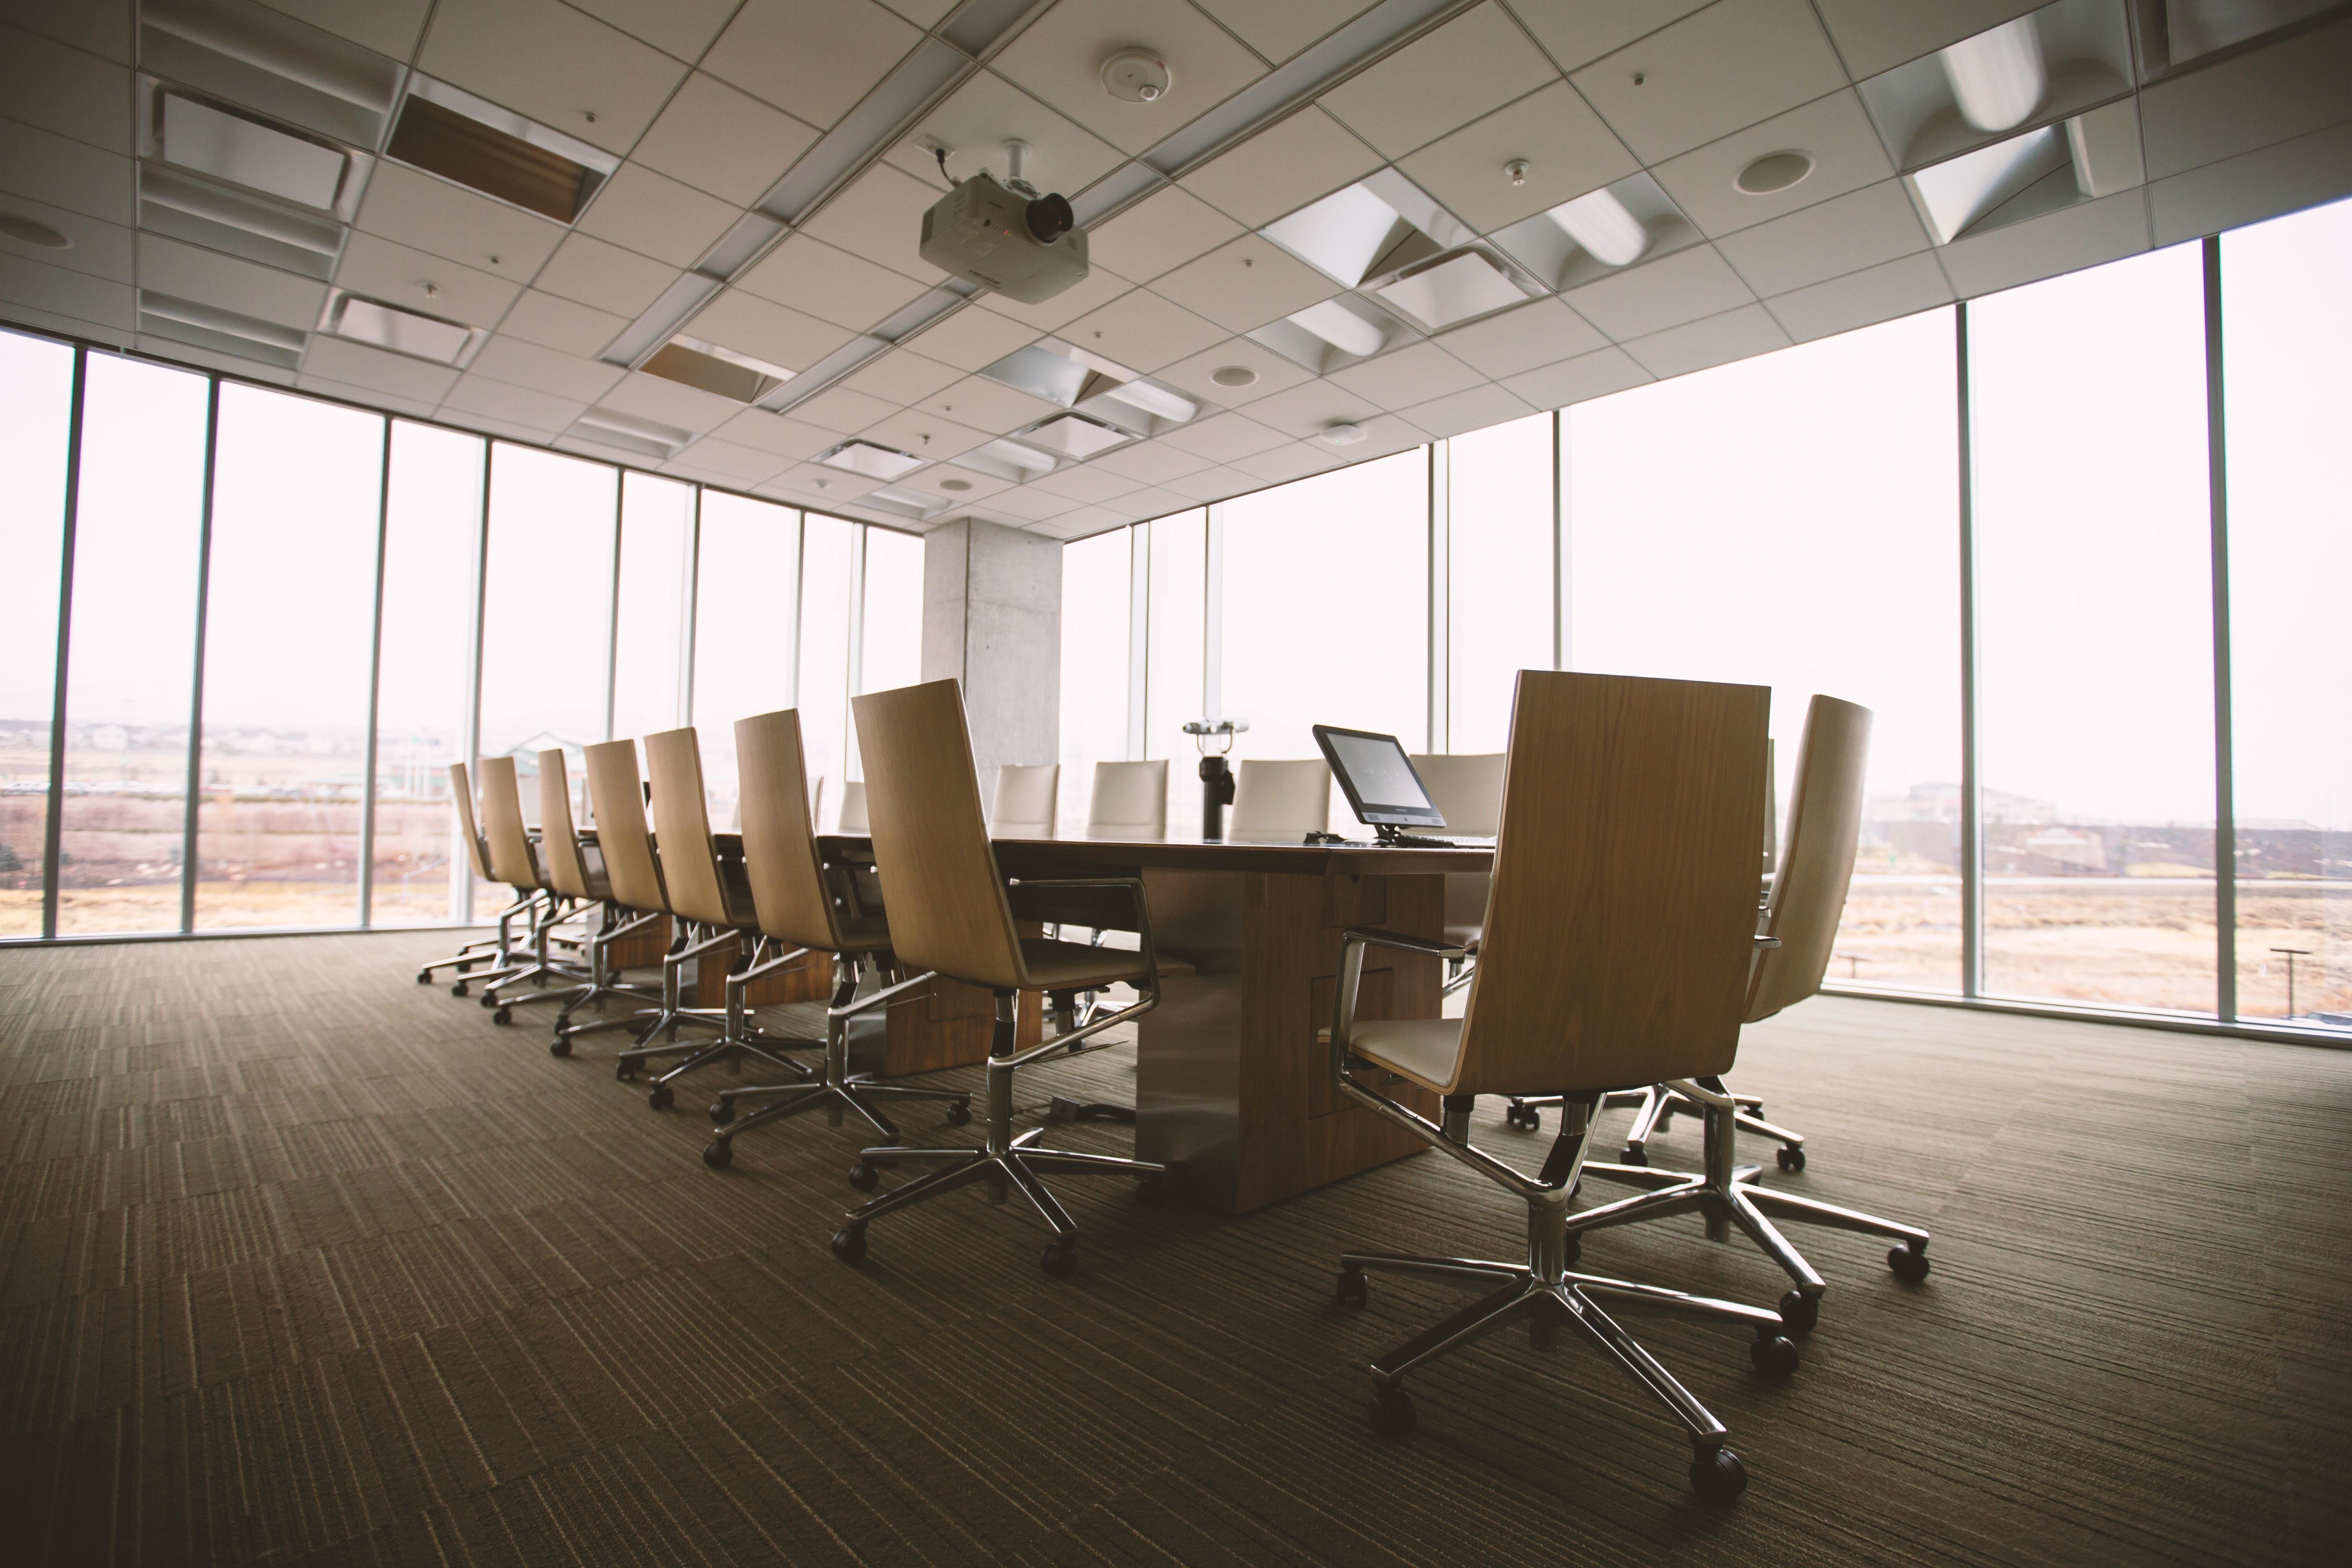 有限责任公司设立登记如何办理?有限责任公司设立登记注意事项有哪些?